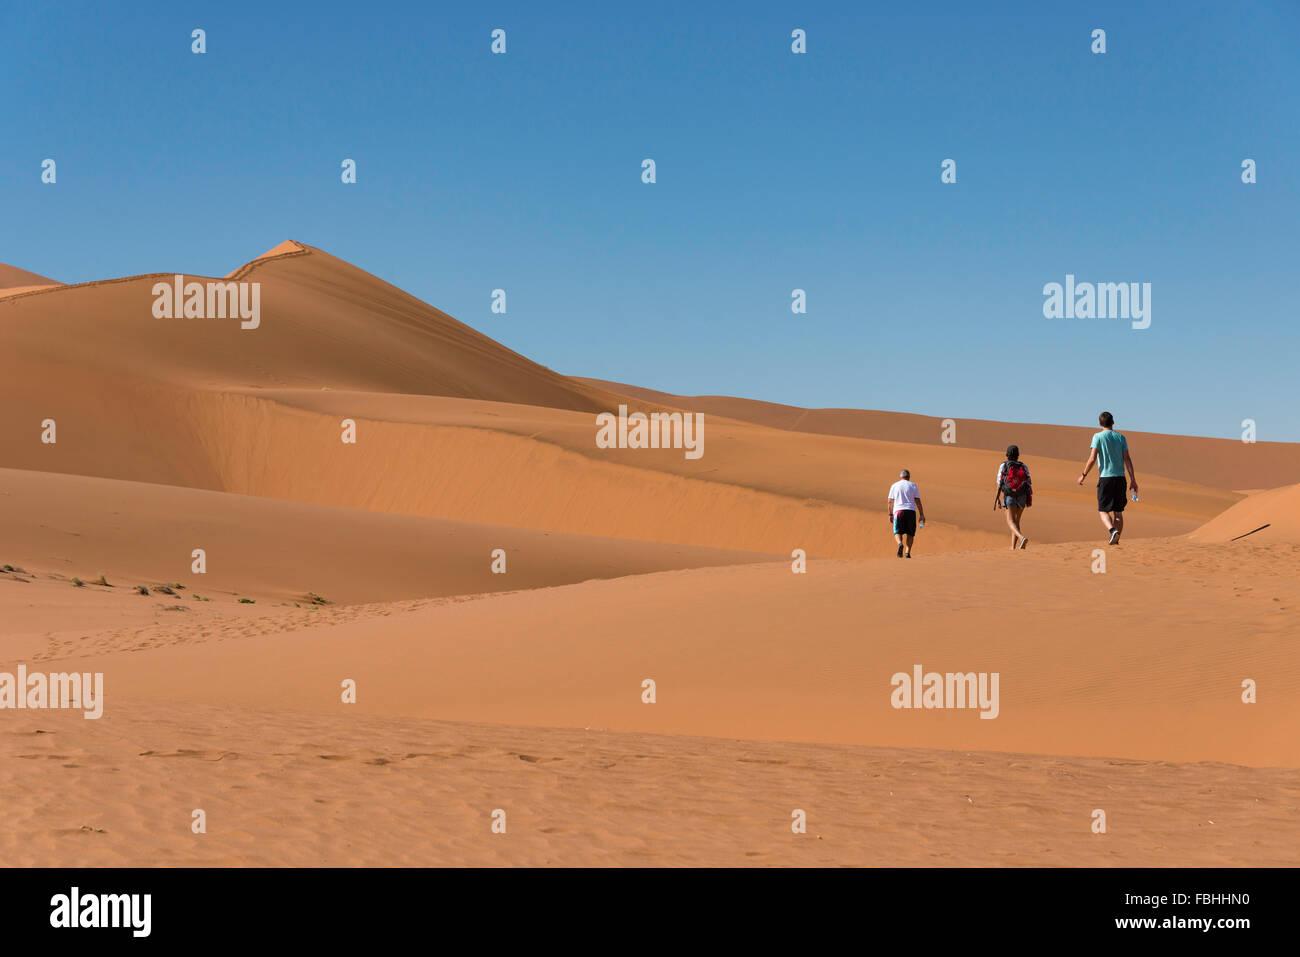 Gruppo camminando nel deserto, Sossusvlei, Namib Desert, Parco Namib-Naukluft, Regione di Hardap, Repubblica di Immagini Stock